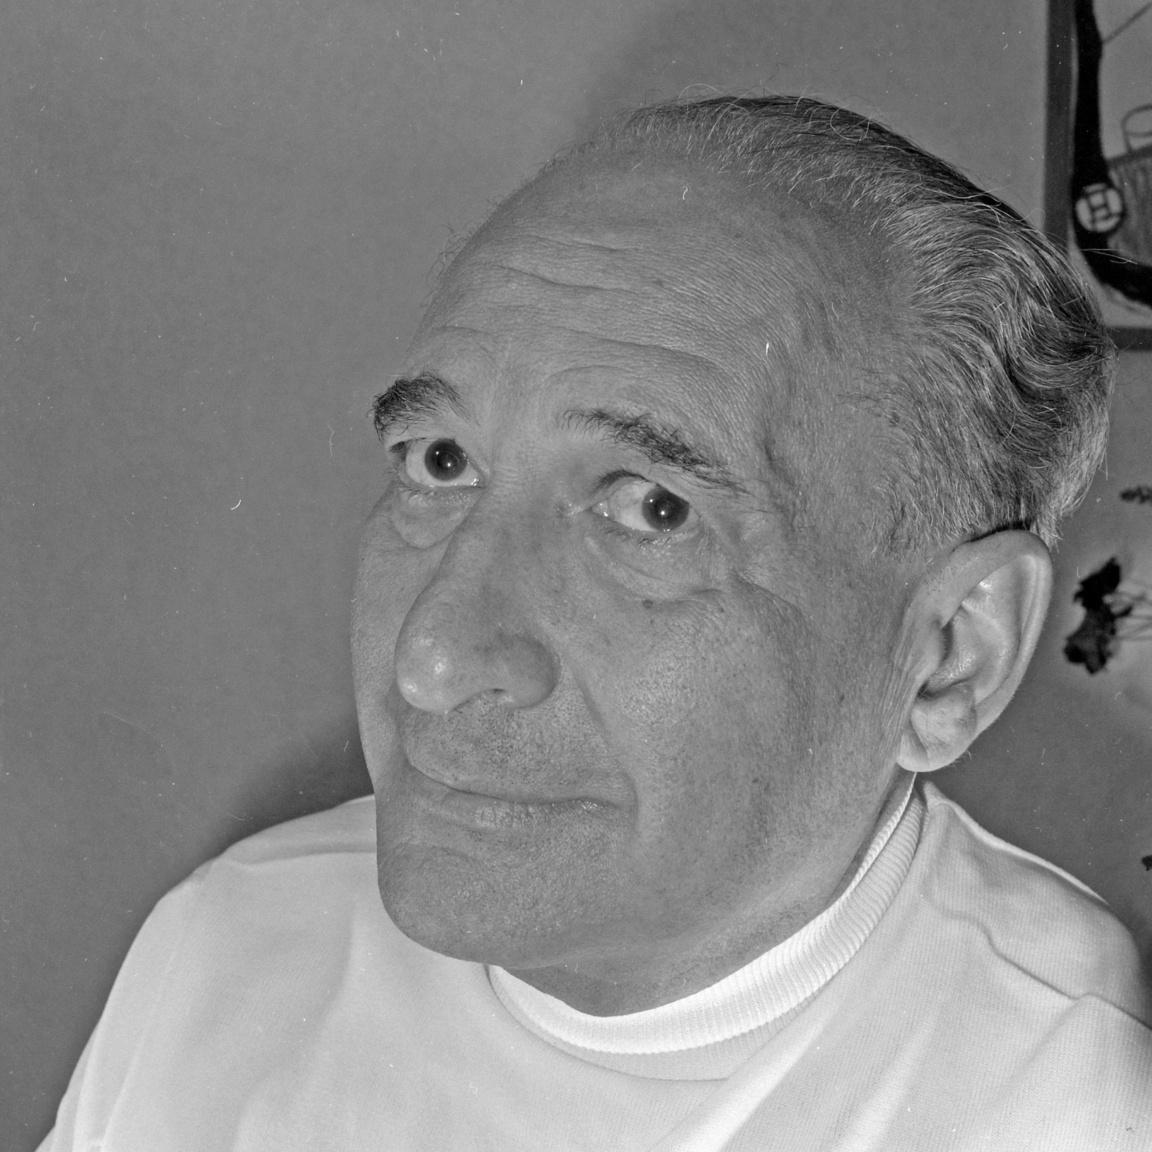 1956 októberében, Rajk László újratemetésének napján már más hangon szólt: Kucsera elvtársat, a tipikus pártbürokratát nevetségessé tevő cikke, majd november negyedikén a magyar írók nevében a nemzetközi közvéleményhez intézett segélykérése Déry Tibor mellé utalta az 1957-es nagy íróperben. Négy év után kegyelemmel szabadult, de színpadra nem kerülhettek művei és sokakhoz hasonlóan fordításból élt. De külföldön nem felejtették el, börtönévei alatt Nobel-díjasok és francia sztárok sora követelte szabadon bocsátását. Így nem volt meglepő, hogy a házaspár egyik külföldi útjáról inkább nem tért haza és Háy ismét Svájcban telepedett le.